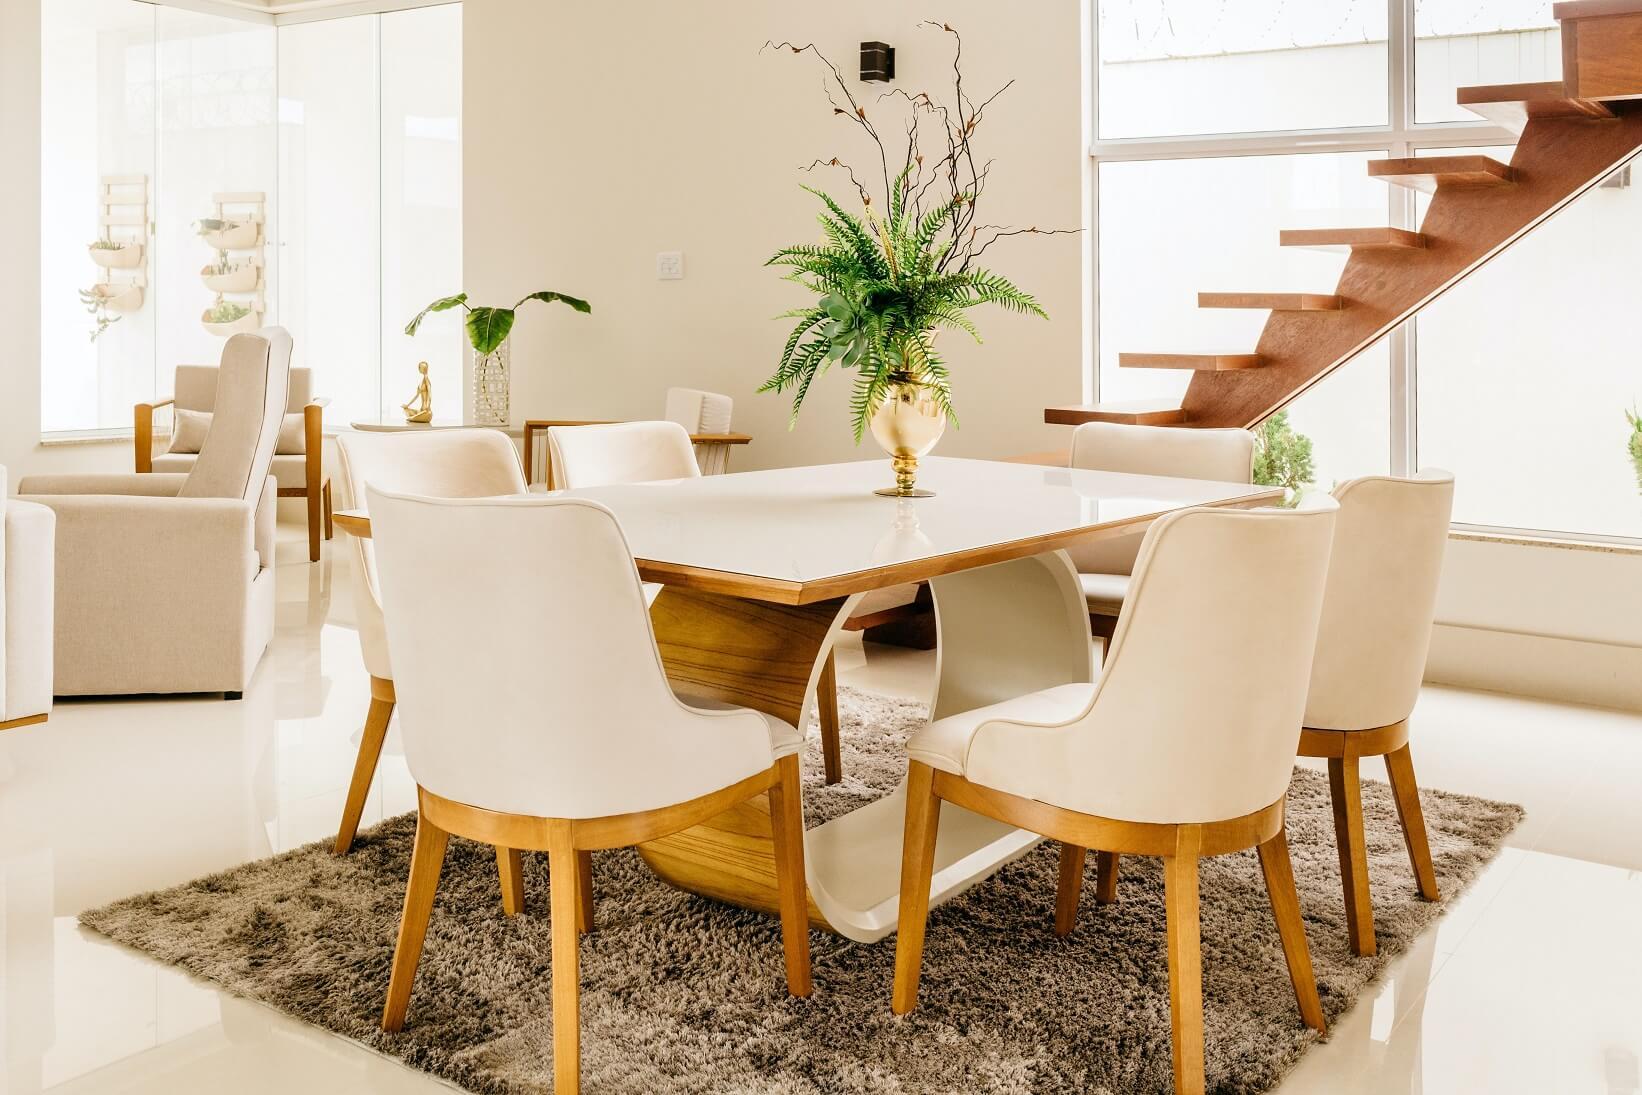 การตกแต่งภายในห้องรับประทานอาหาร การปรับปรุงและตกแต่งห้องรับประทานอาหาร